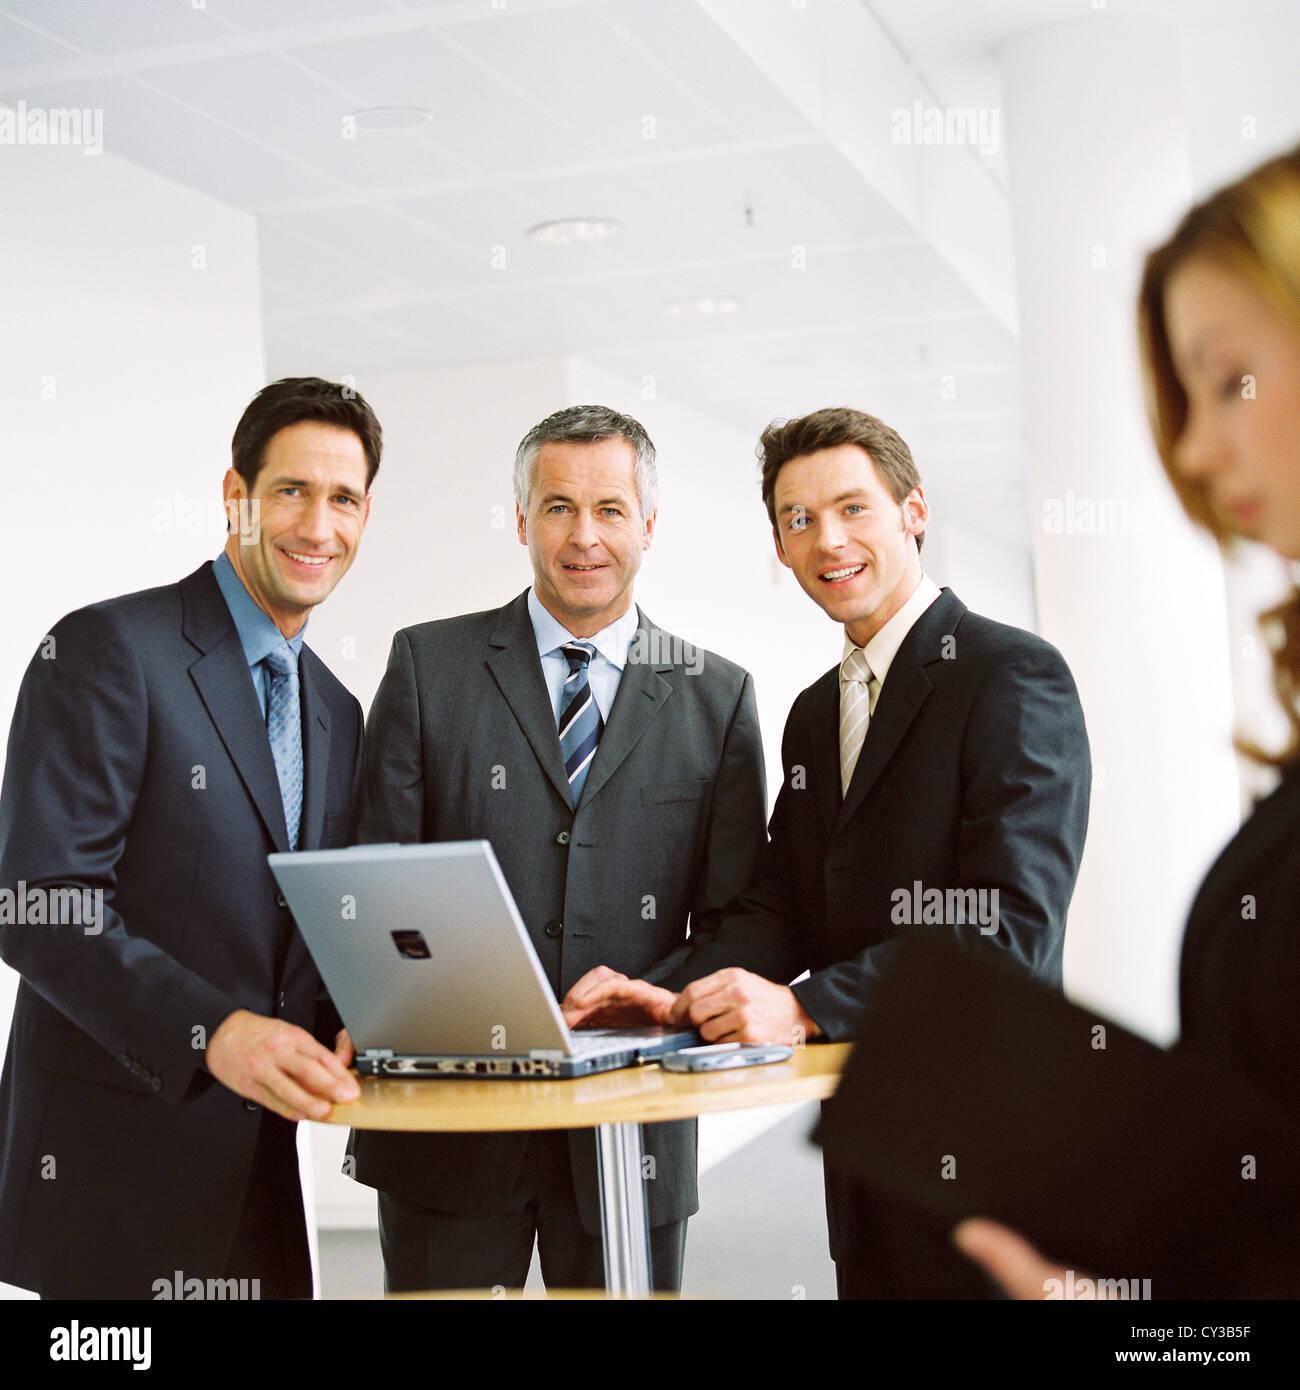 Business group di persone con notebook licenza gratuita ad eccezione di annunci e cartelloni per esterni Immagini Stock